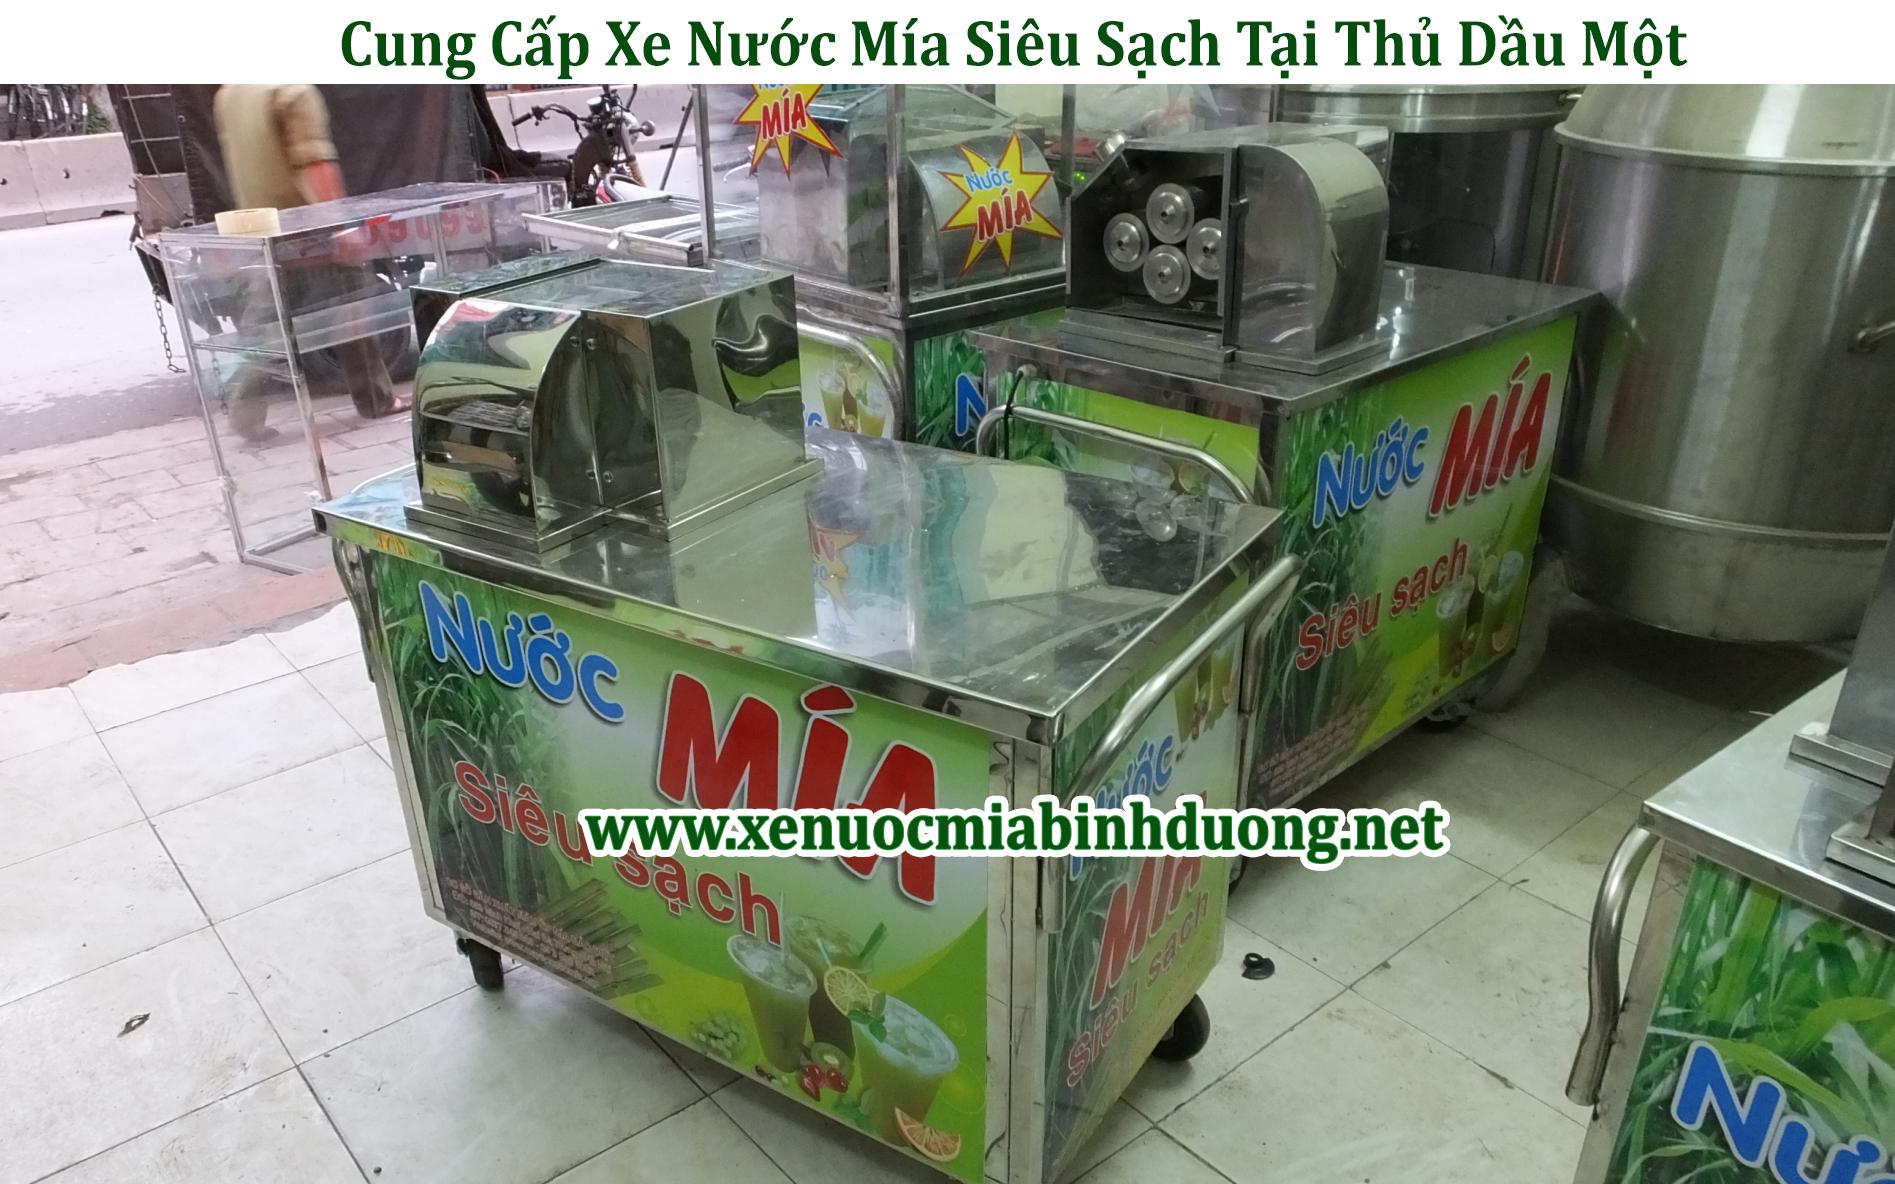 xe-nuoc-mi-sieu-sach-tai-thu-dau-mot- Xe Nước Mía Siêu Sạch Tại Thủ Dầu Một Bình Dường